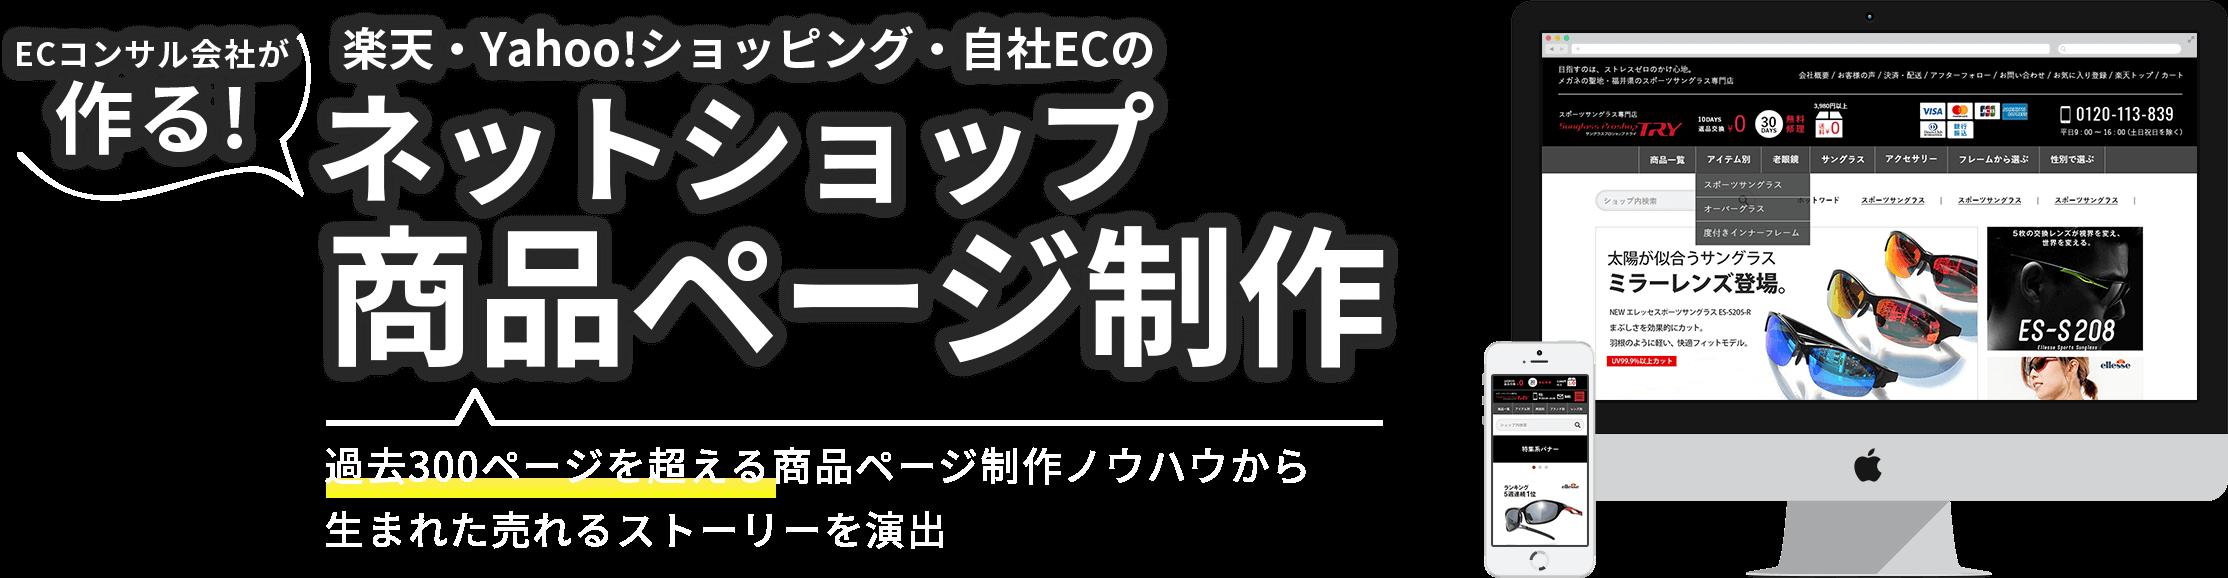 ネットショップ商品ページ制作